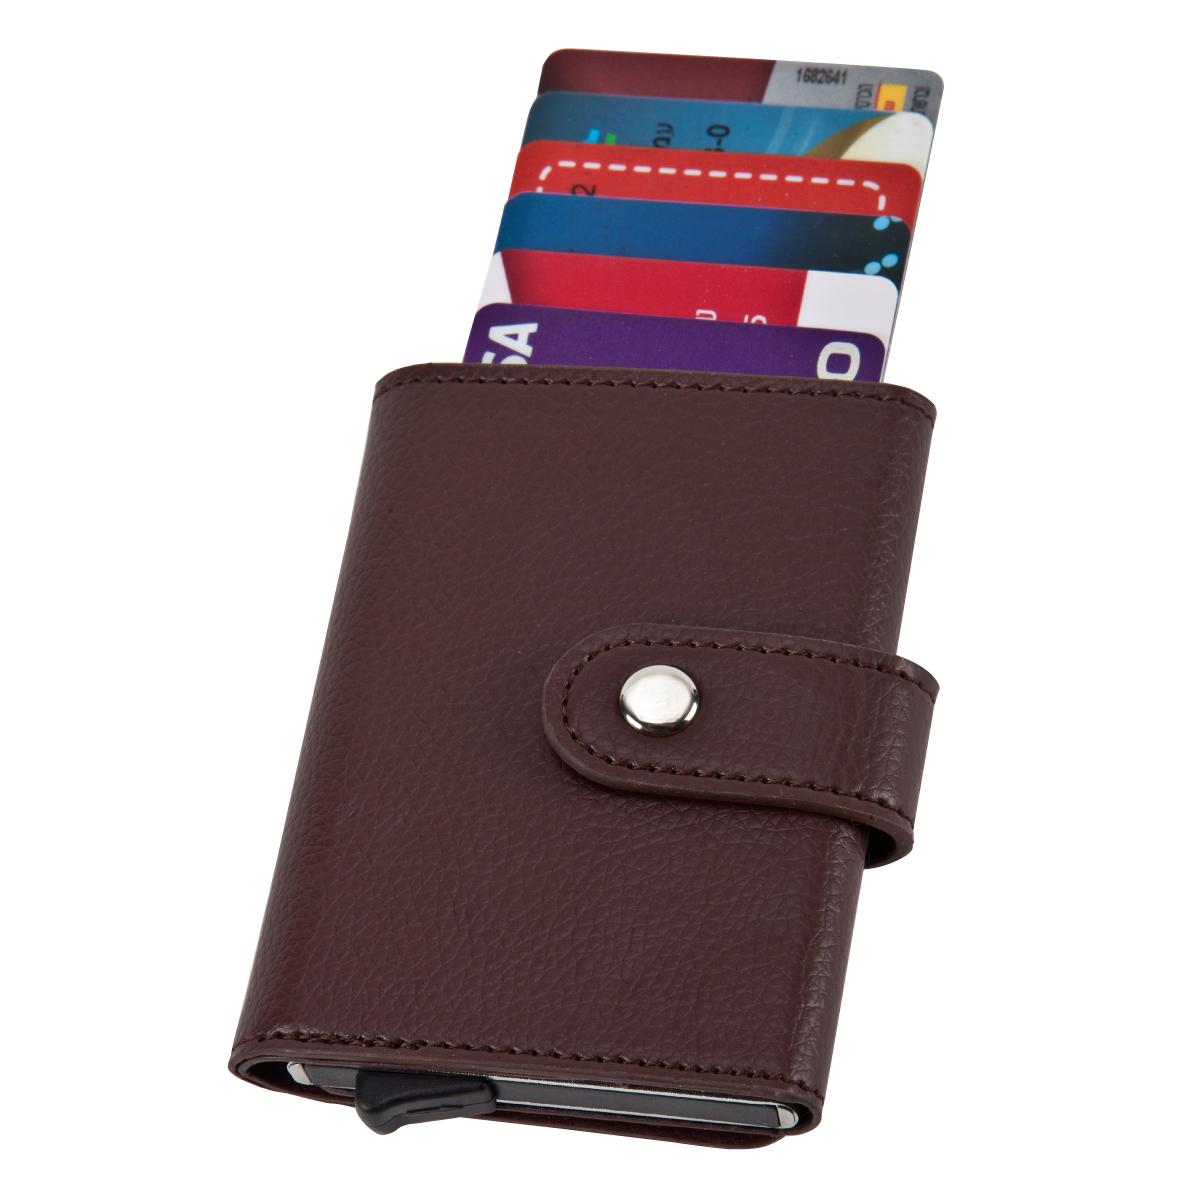 ארנק לכרטיסי אשראי וכסף עם מנגנון שליפת כרטיסים – סלטיק